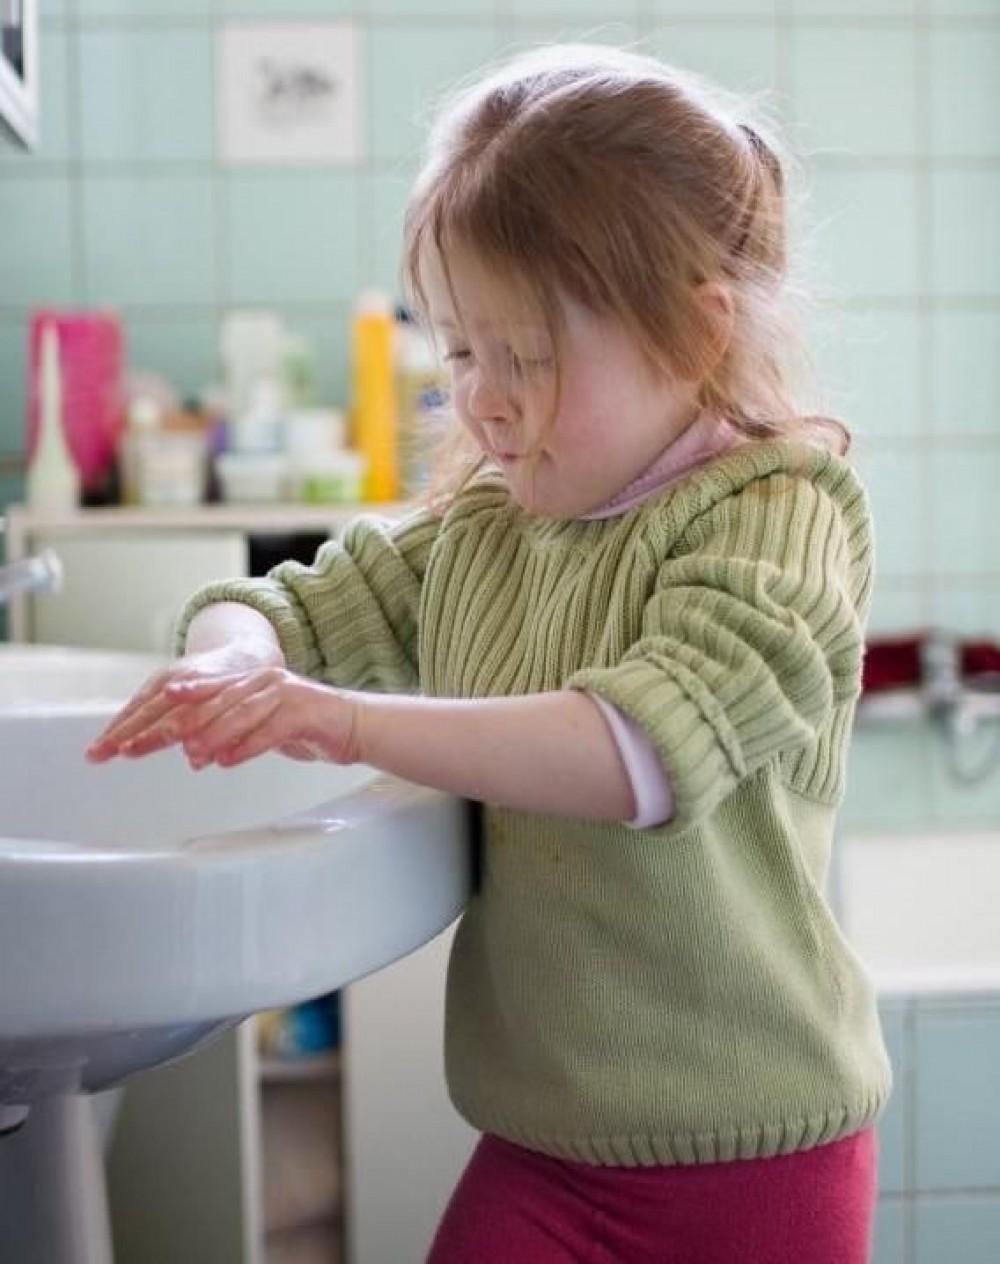 أعراض الوسواس القهرى للاطفال تشمل أفكار وسلوكيات متكررة